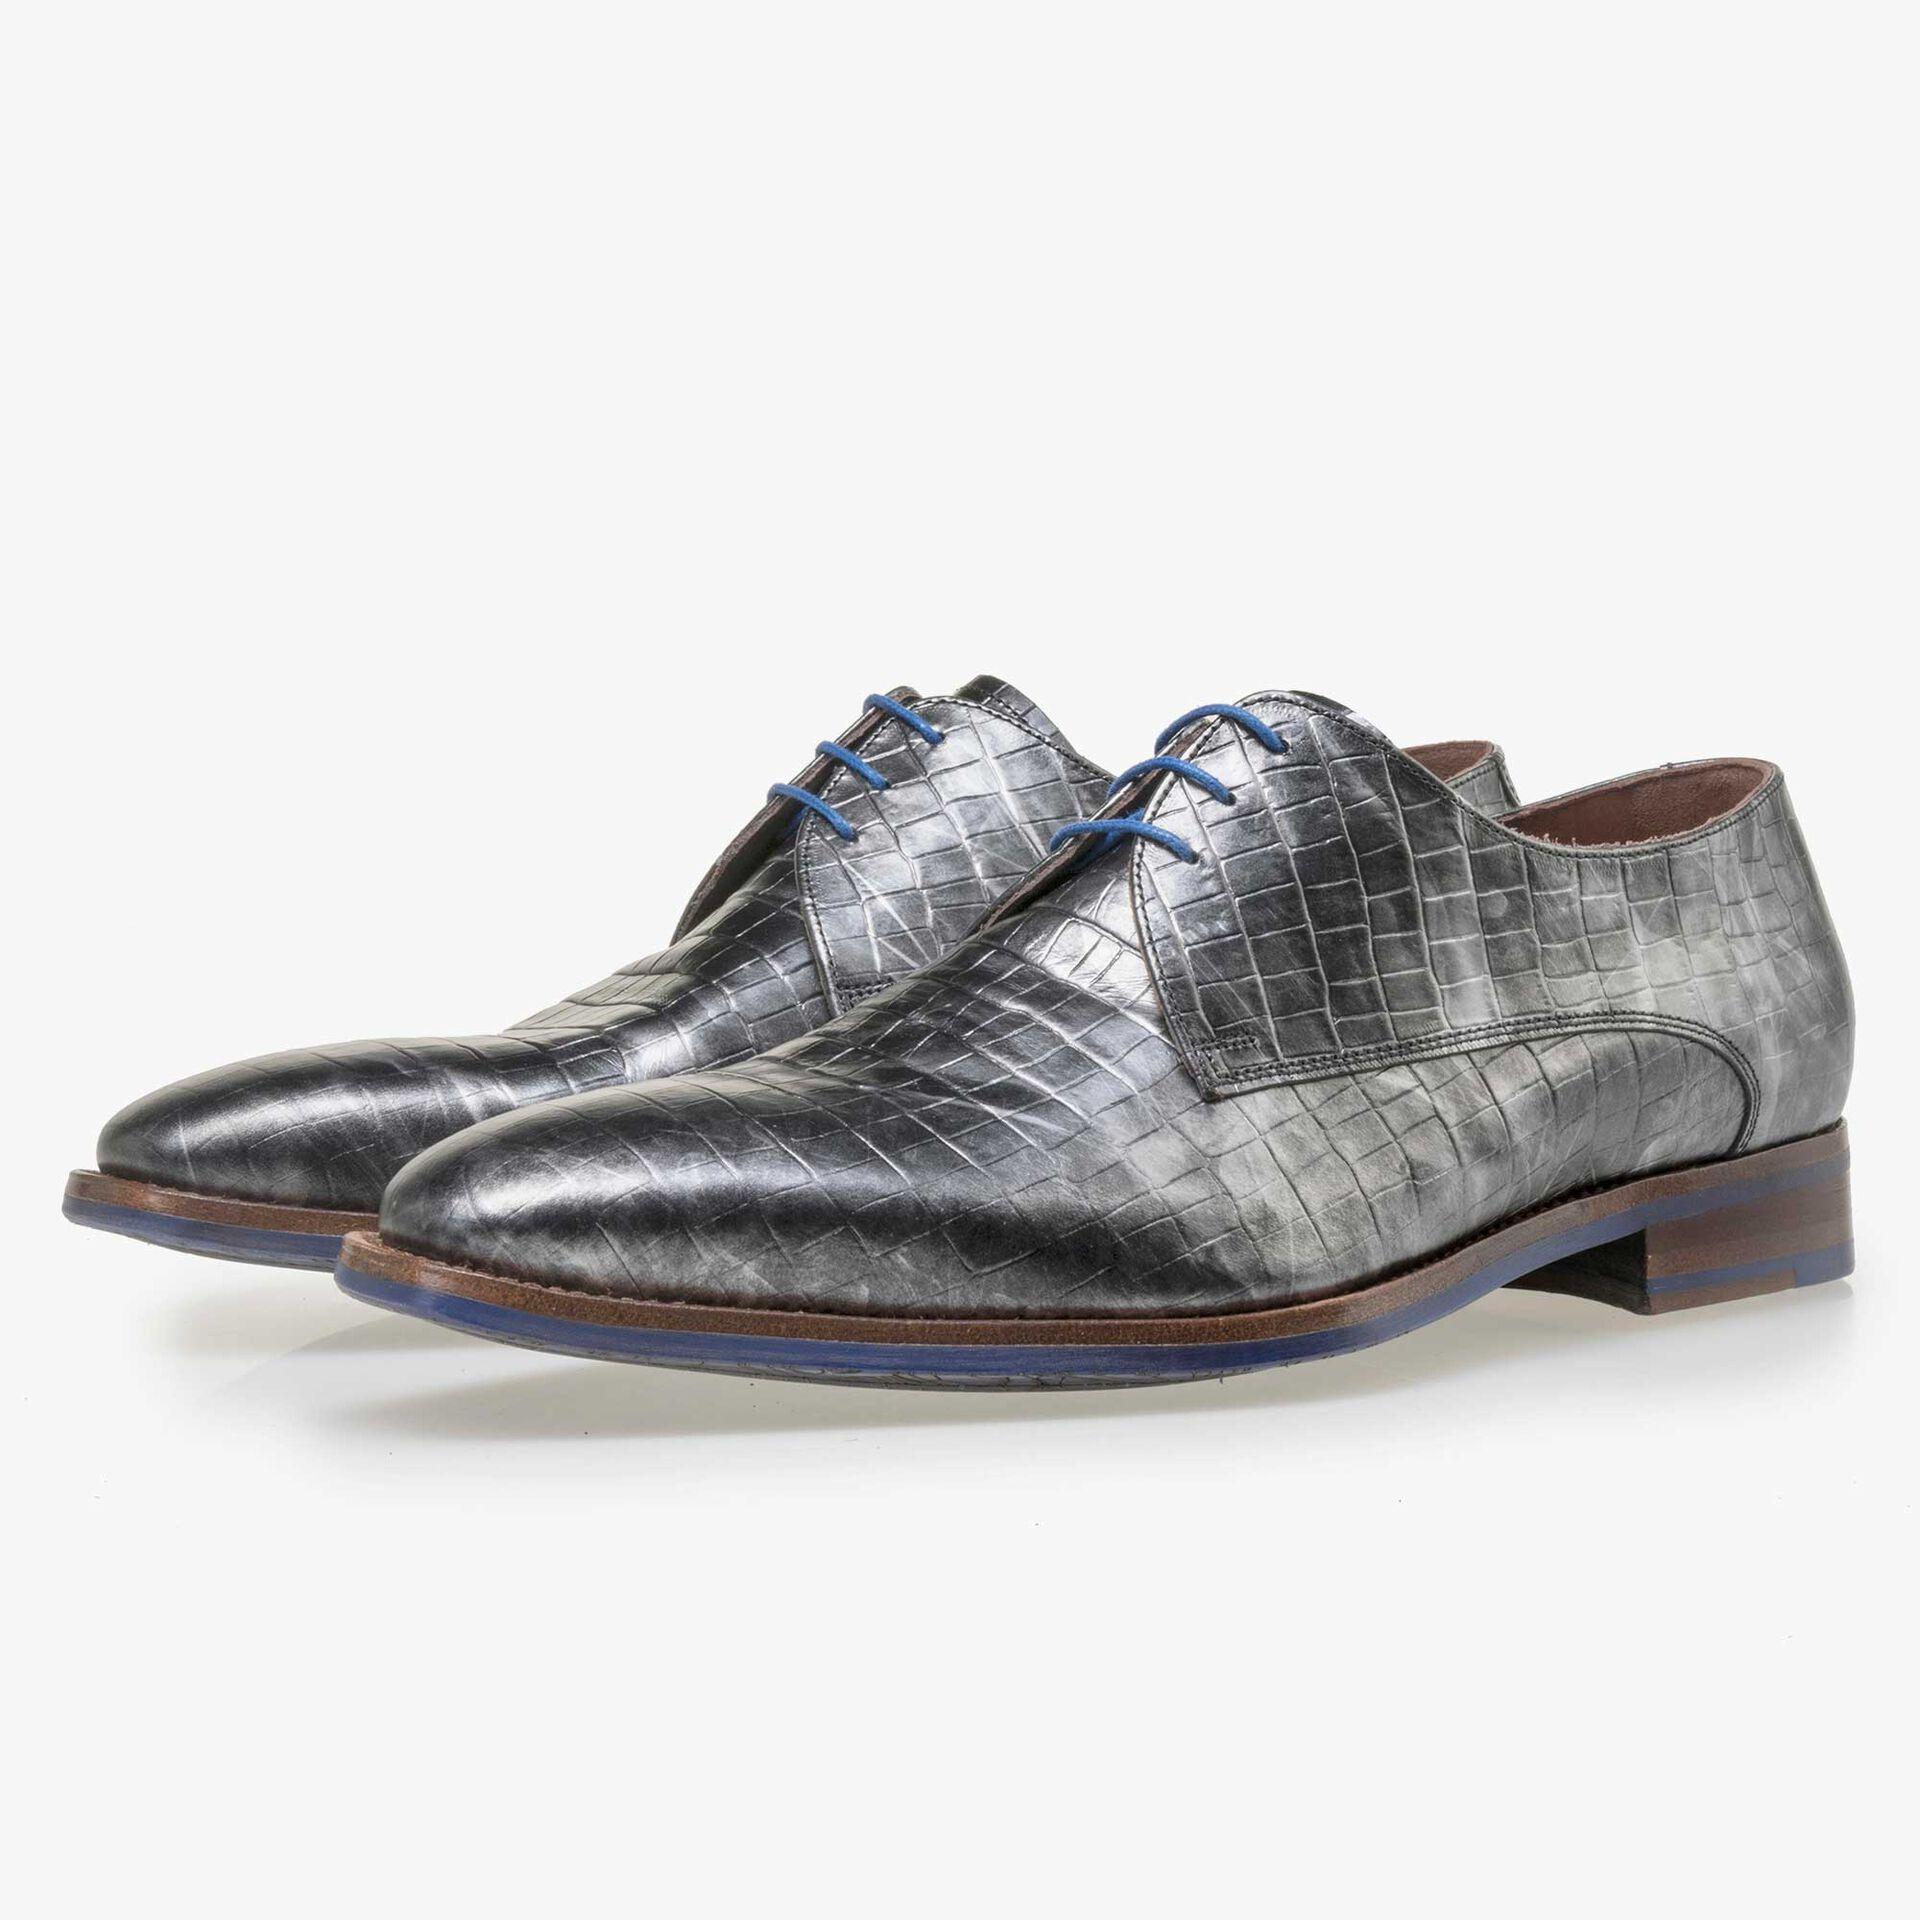 Floris van Bommel Premium men's grey leather lace shoes with a metallic look